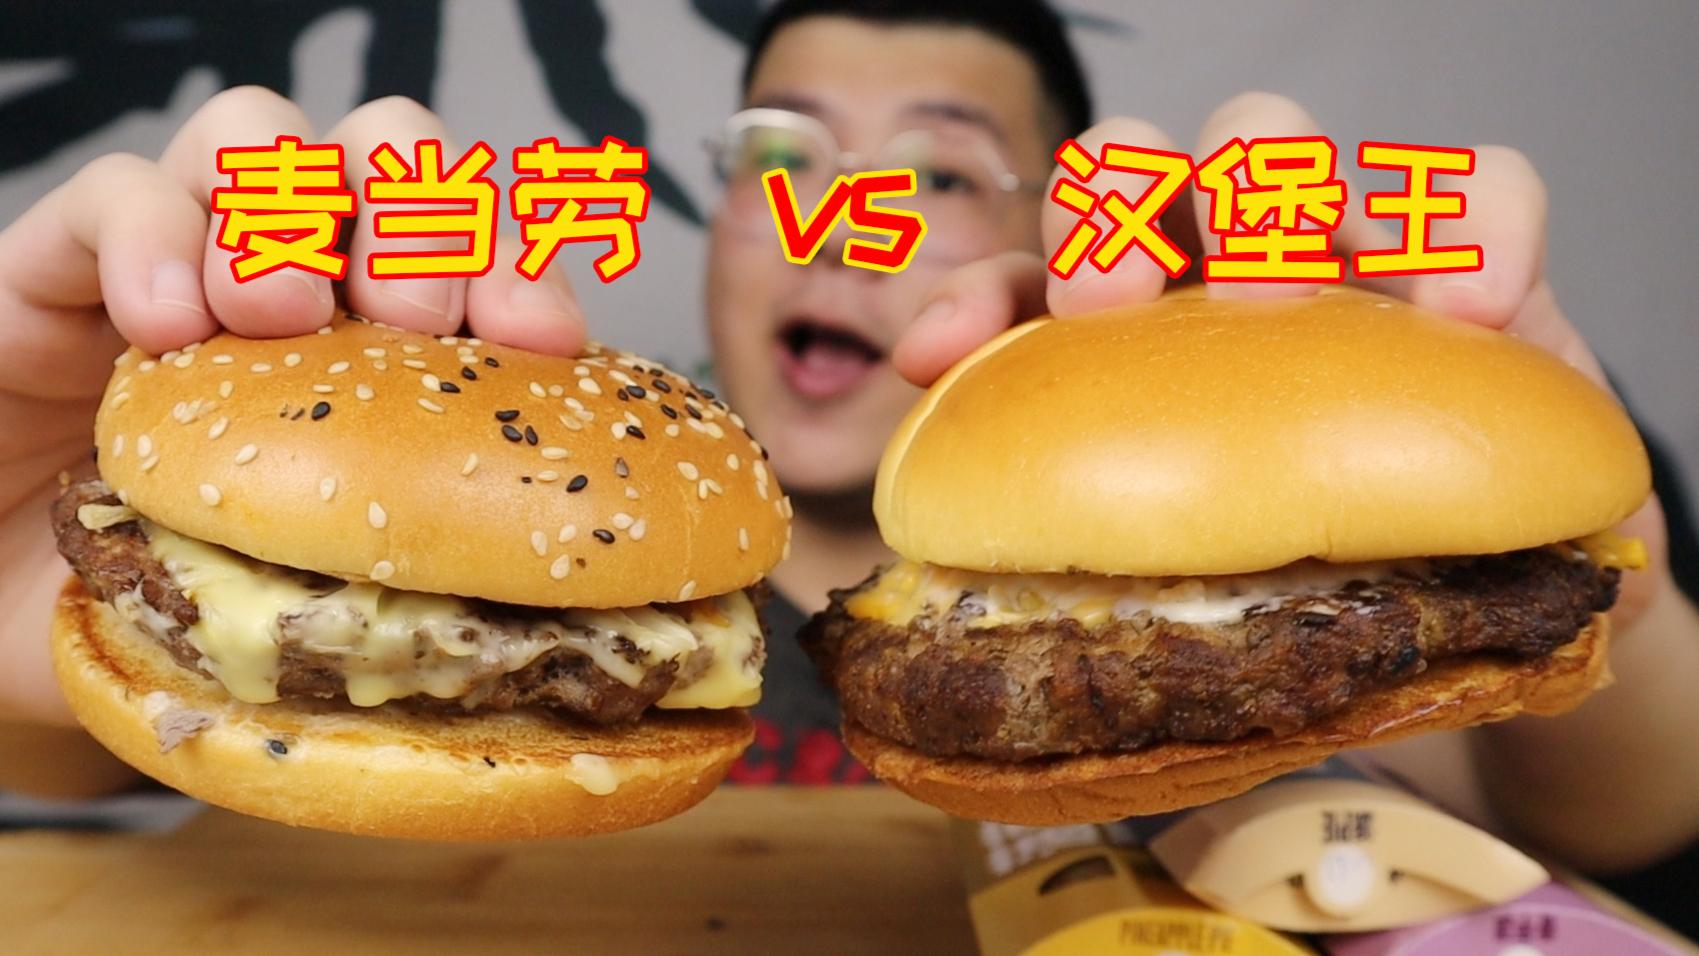 同样是安格斯厚牛堡,麦当劳对比汉堡王,吃起来有什么区别?